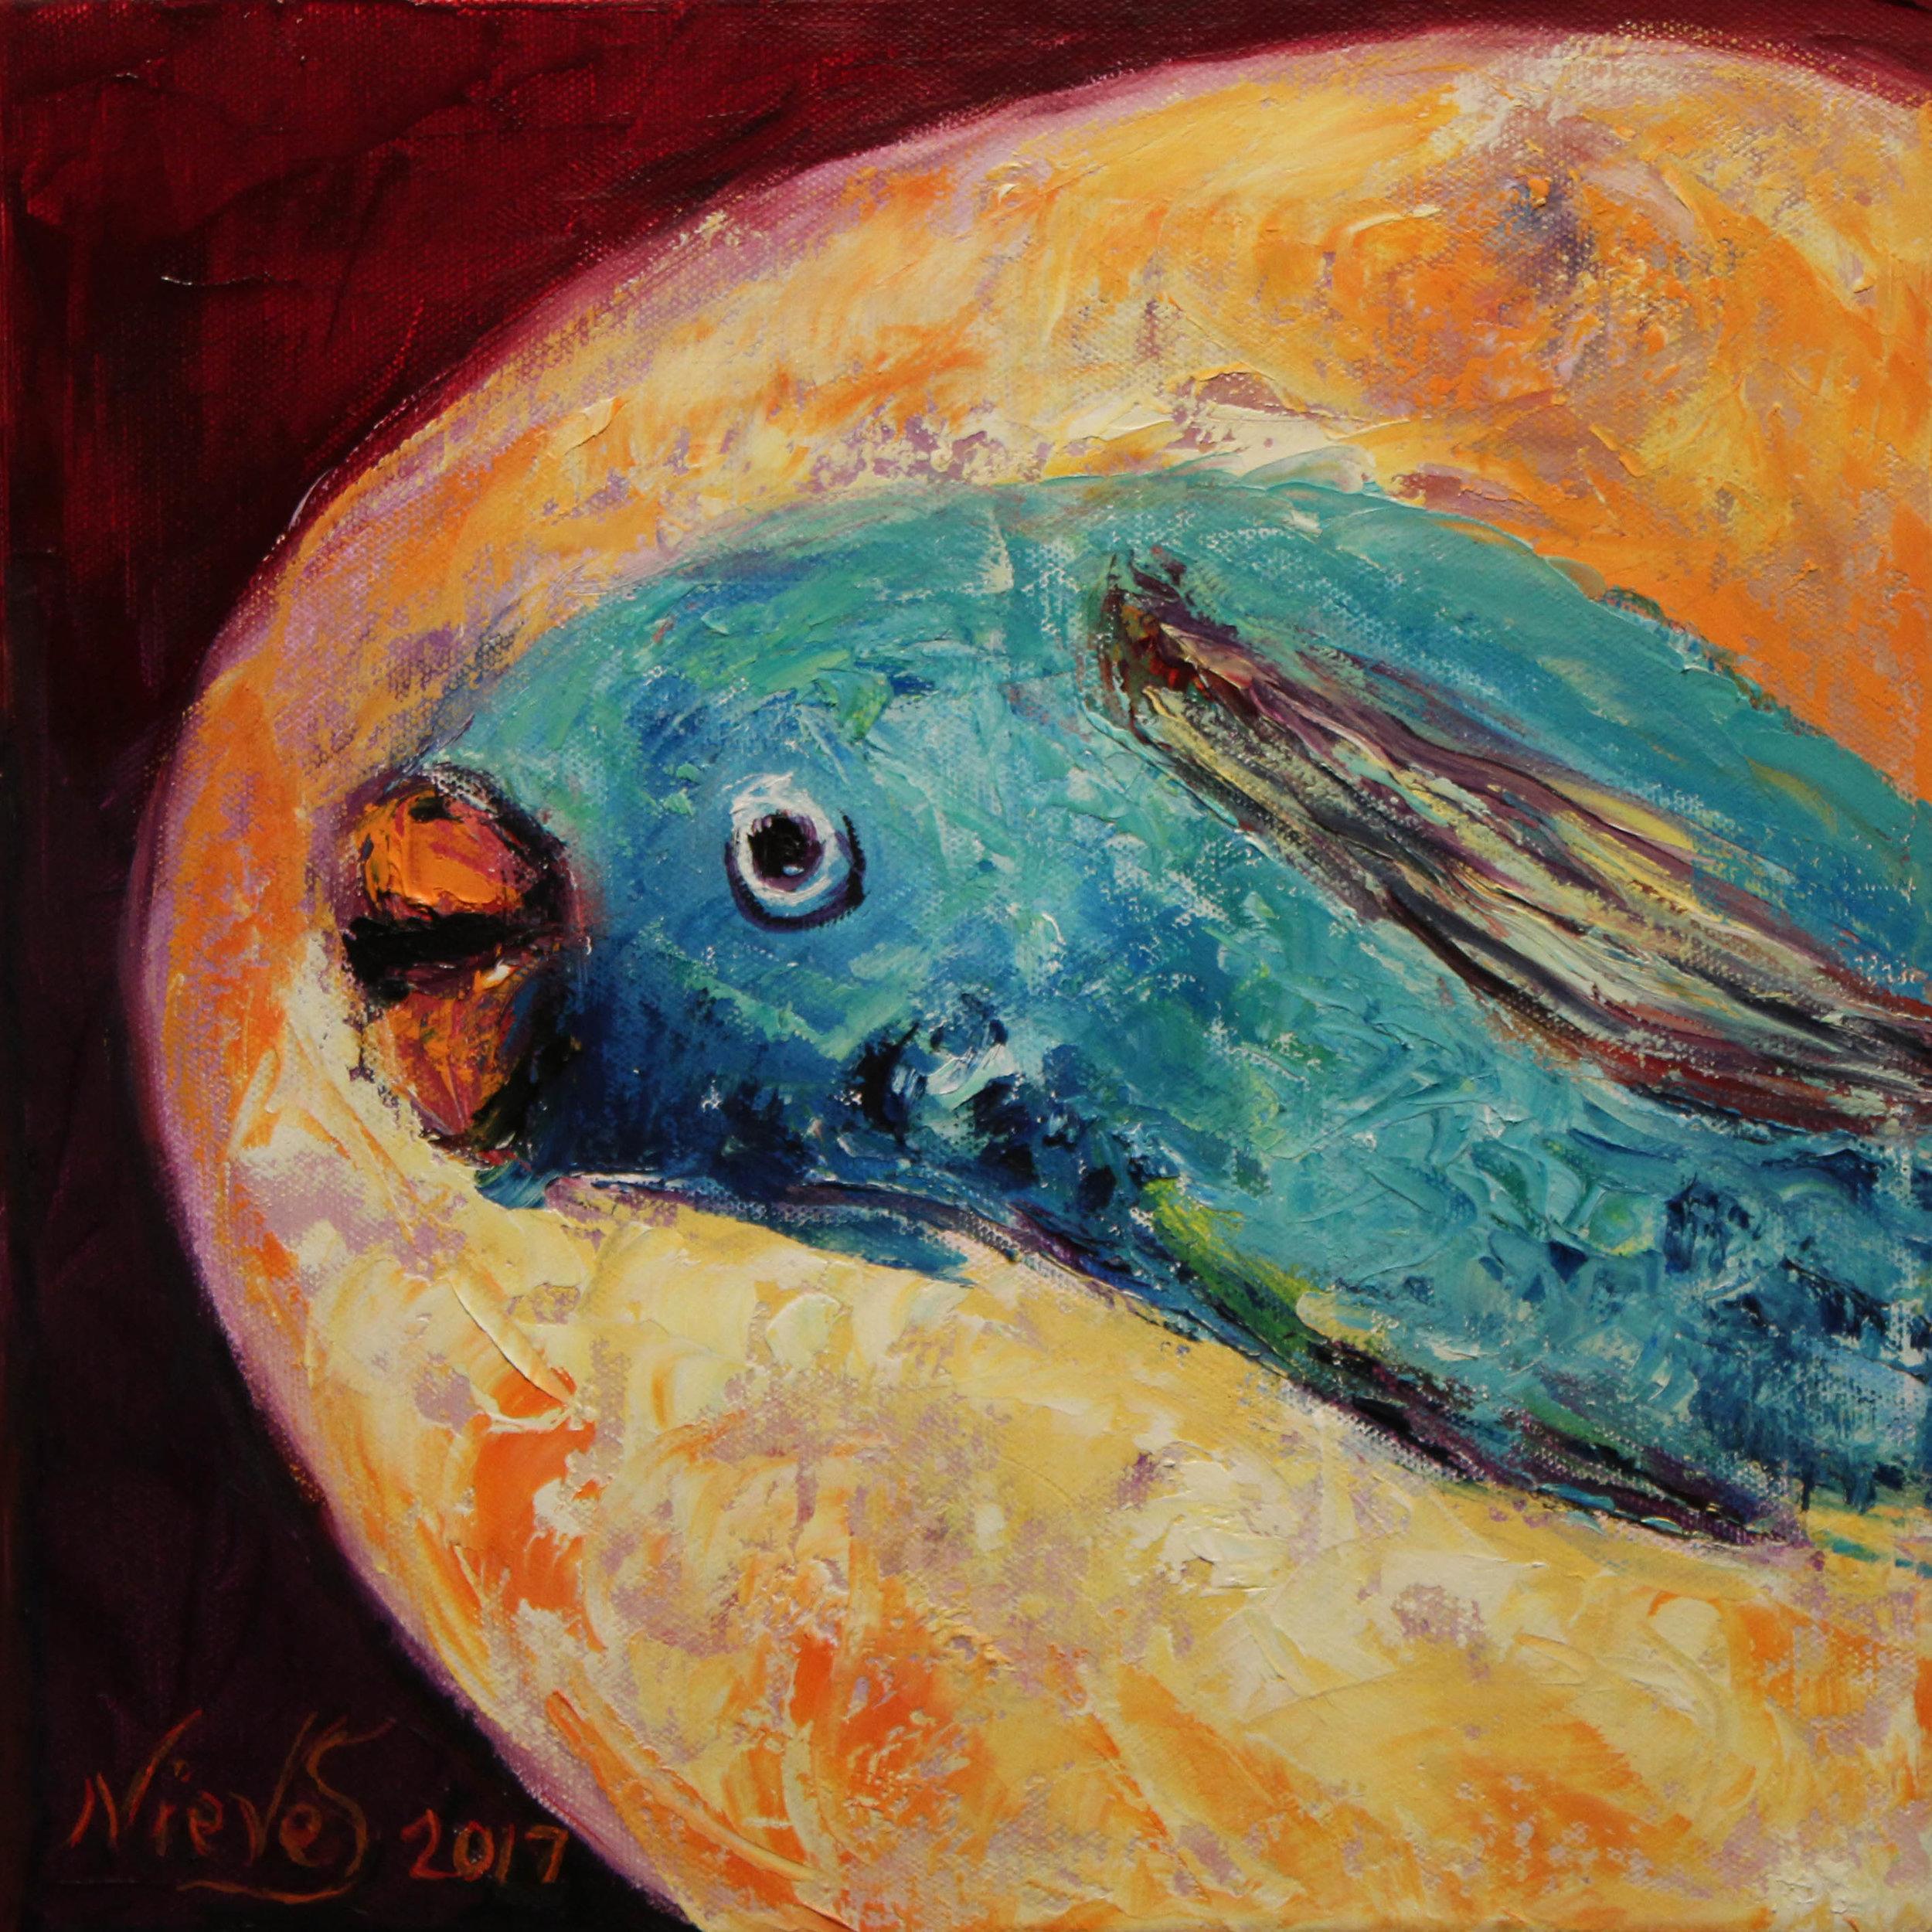 12_Nieves Saah_Bahamian Blue_lowres.jpg